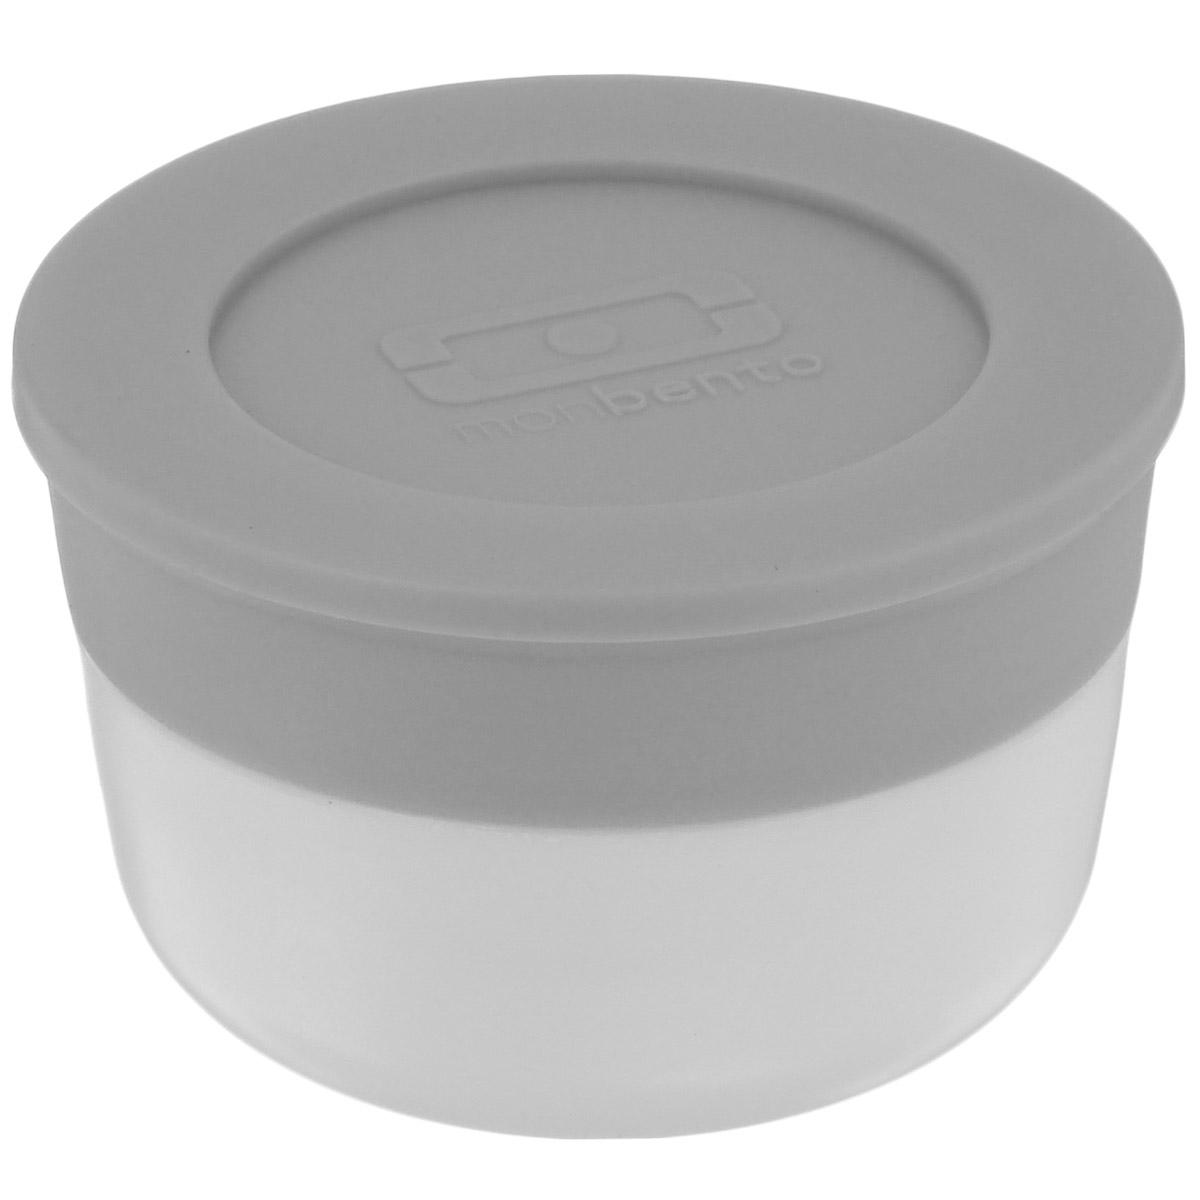 Соусница Monbento Monbento Temple, с крышкой, цвет: белый, серый, диаметр 5 см, 28 млVT-1520(SR)Соусница с крышкой Monbento MB Temple - удобное дополнение к ланч-боксу, которое позволит заправить соусом салат или гарнир прямо перед едой. Соусница изготовлена из полипропилена и имеет герметичную плотно закручивающуюся силиконовую крышечку. Идеально помещается в ланч-бокс от Monbento, занимая минимум места.Можно мыть в посудомоечной машине, а также хранить в морозильной камере.Диаметр соусницы: 5 см.Объем соусницы: 28 мл.Высота соусницы (с учетом крышки): 3,2 см.Диаметр по верхнему краю: 4,2 см.